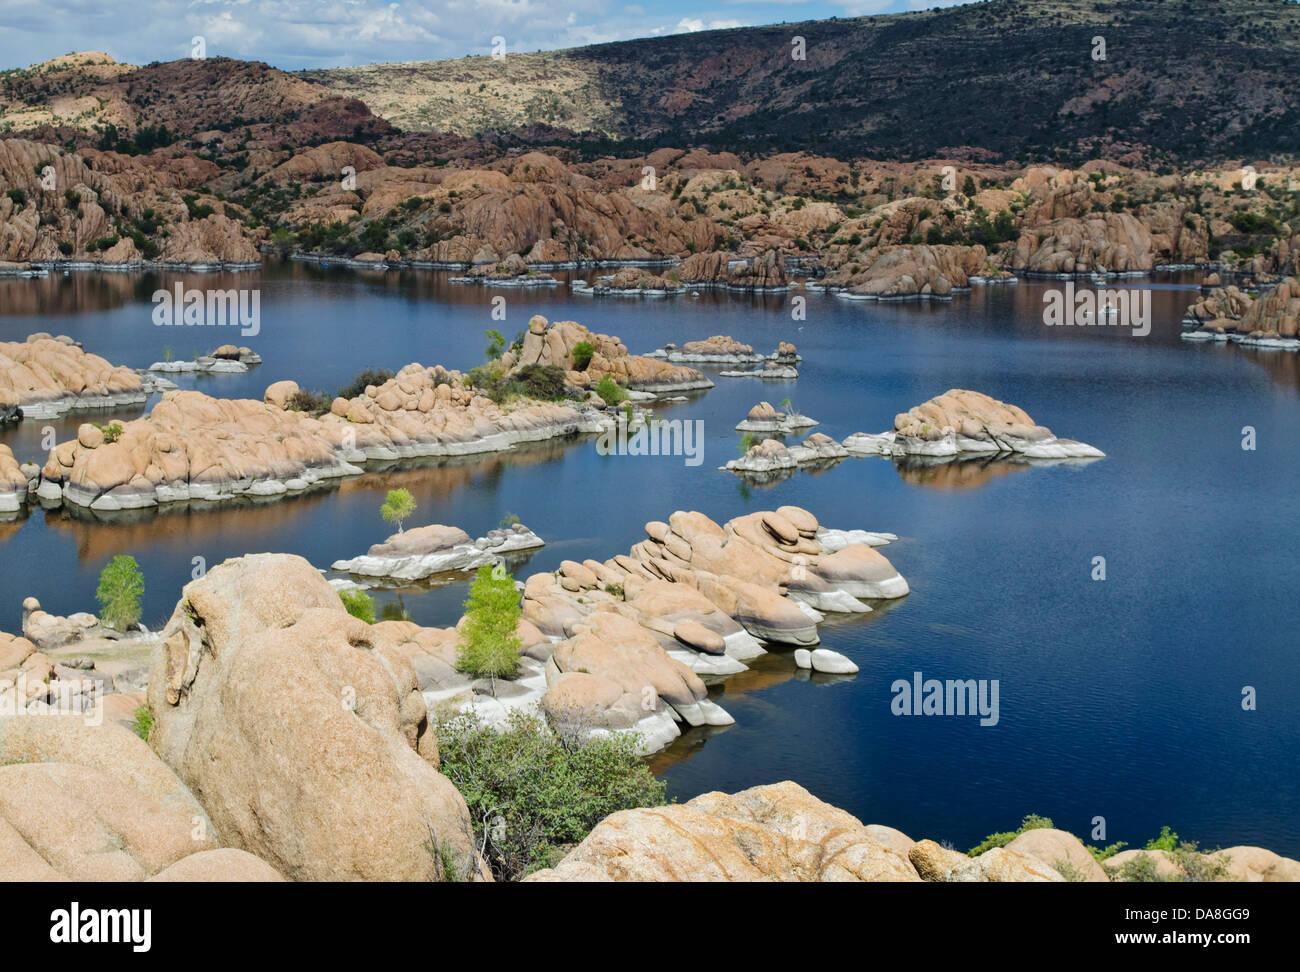 Las singulares formaciones de roca roja y profundas aguas azules del lago Watson, Arizona, crear una escena. Cerca Imagen De Stock